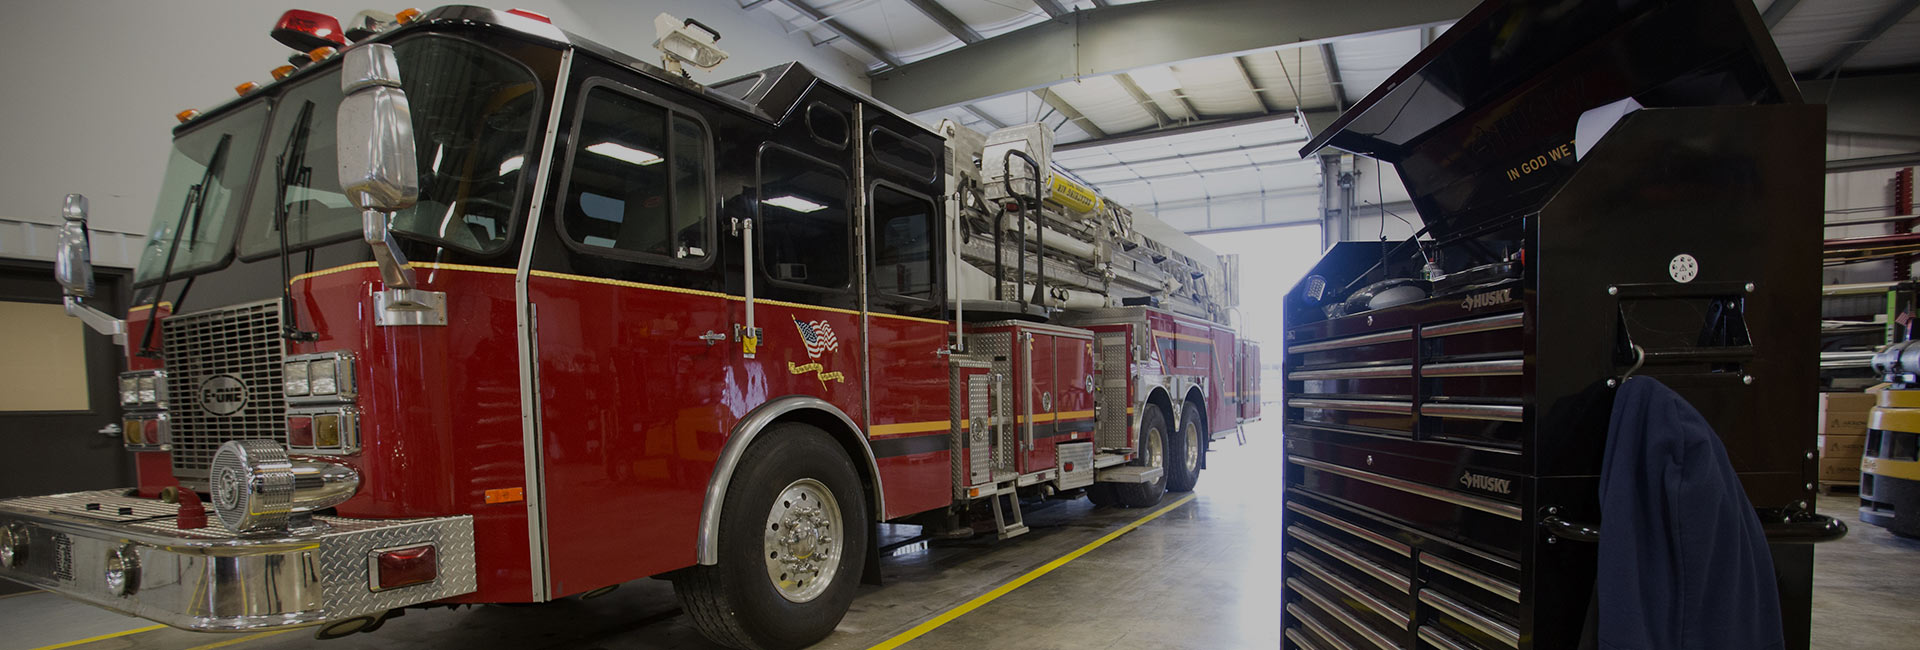 fire truck repair shop